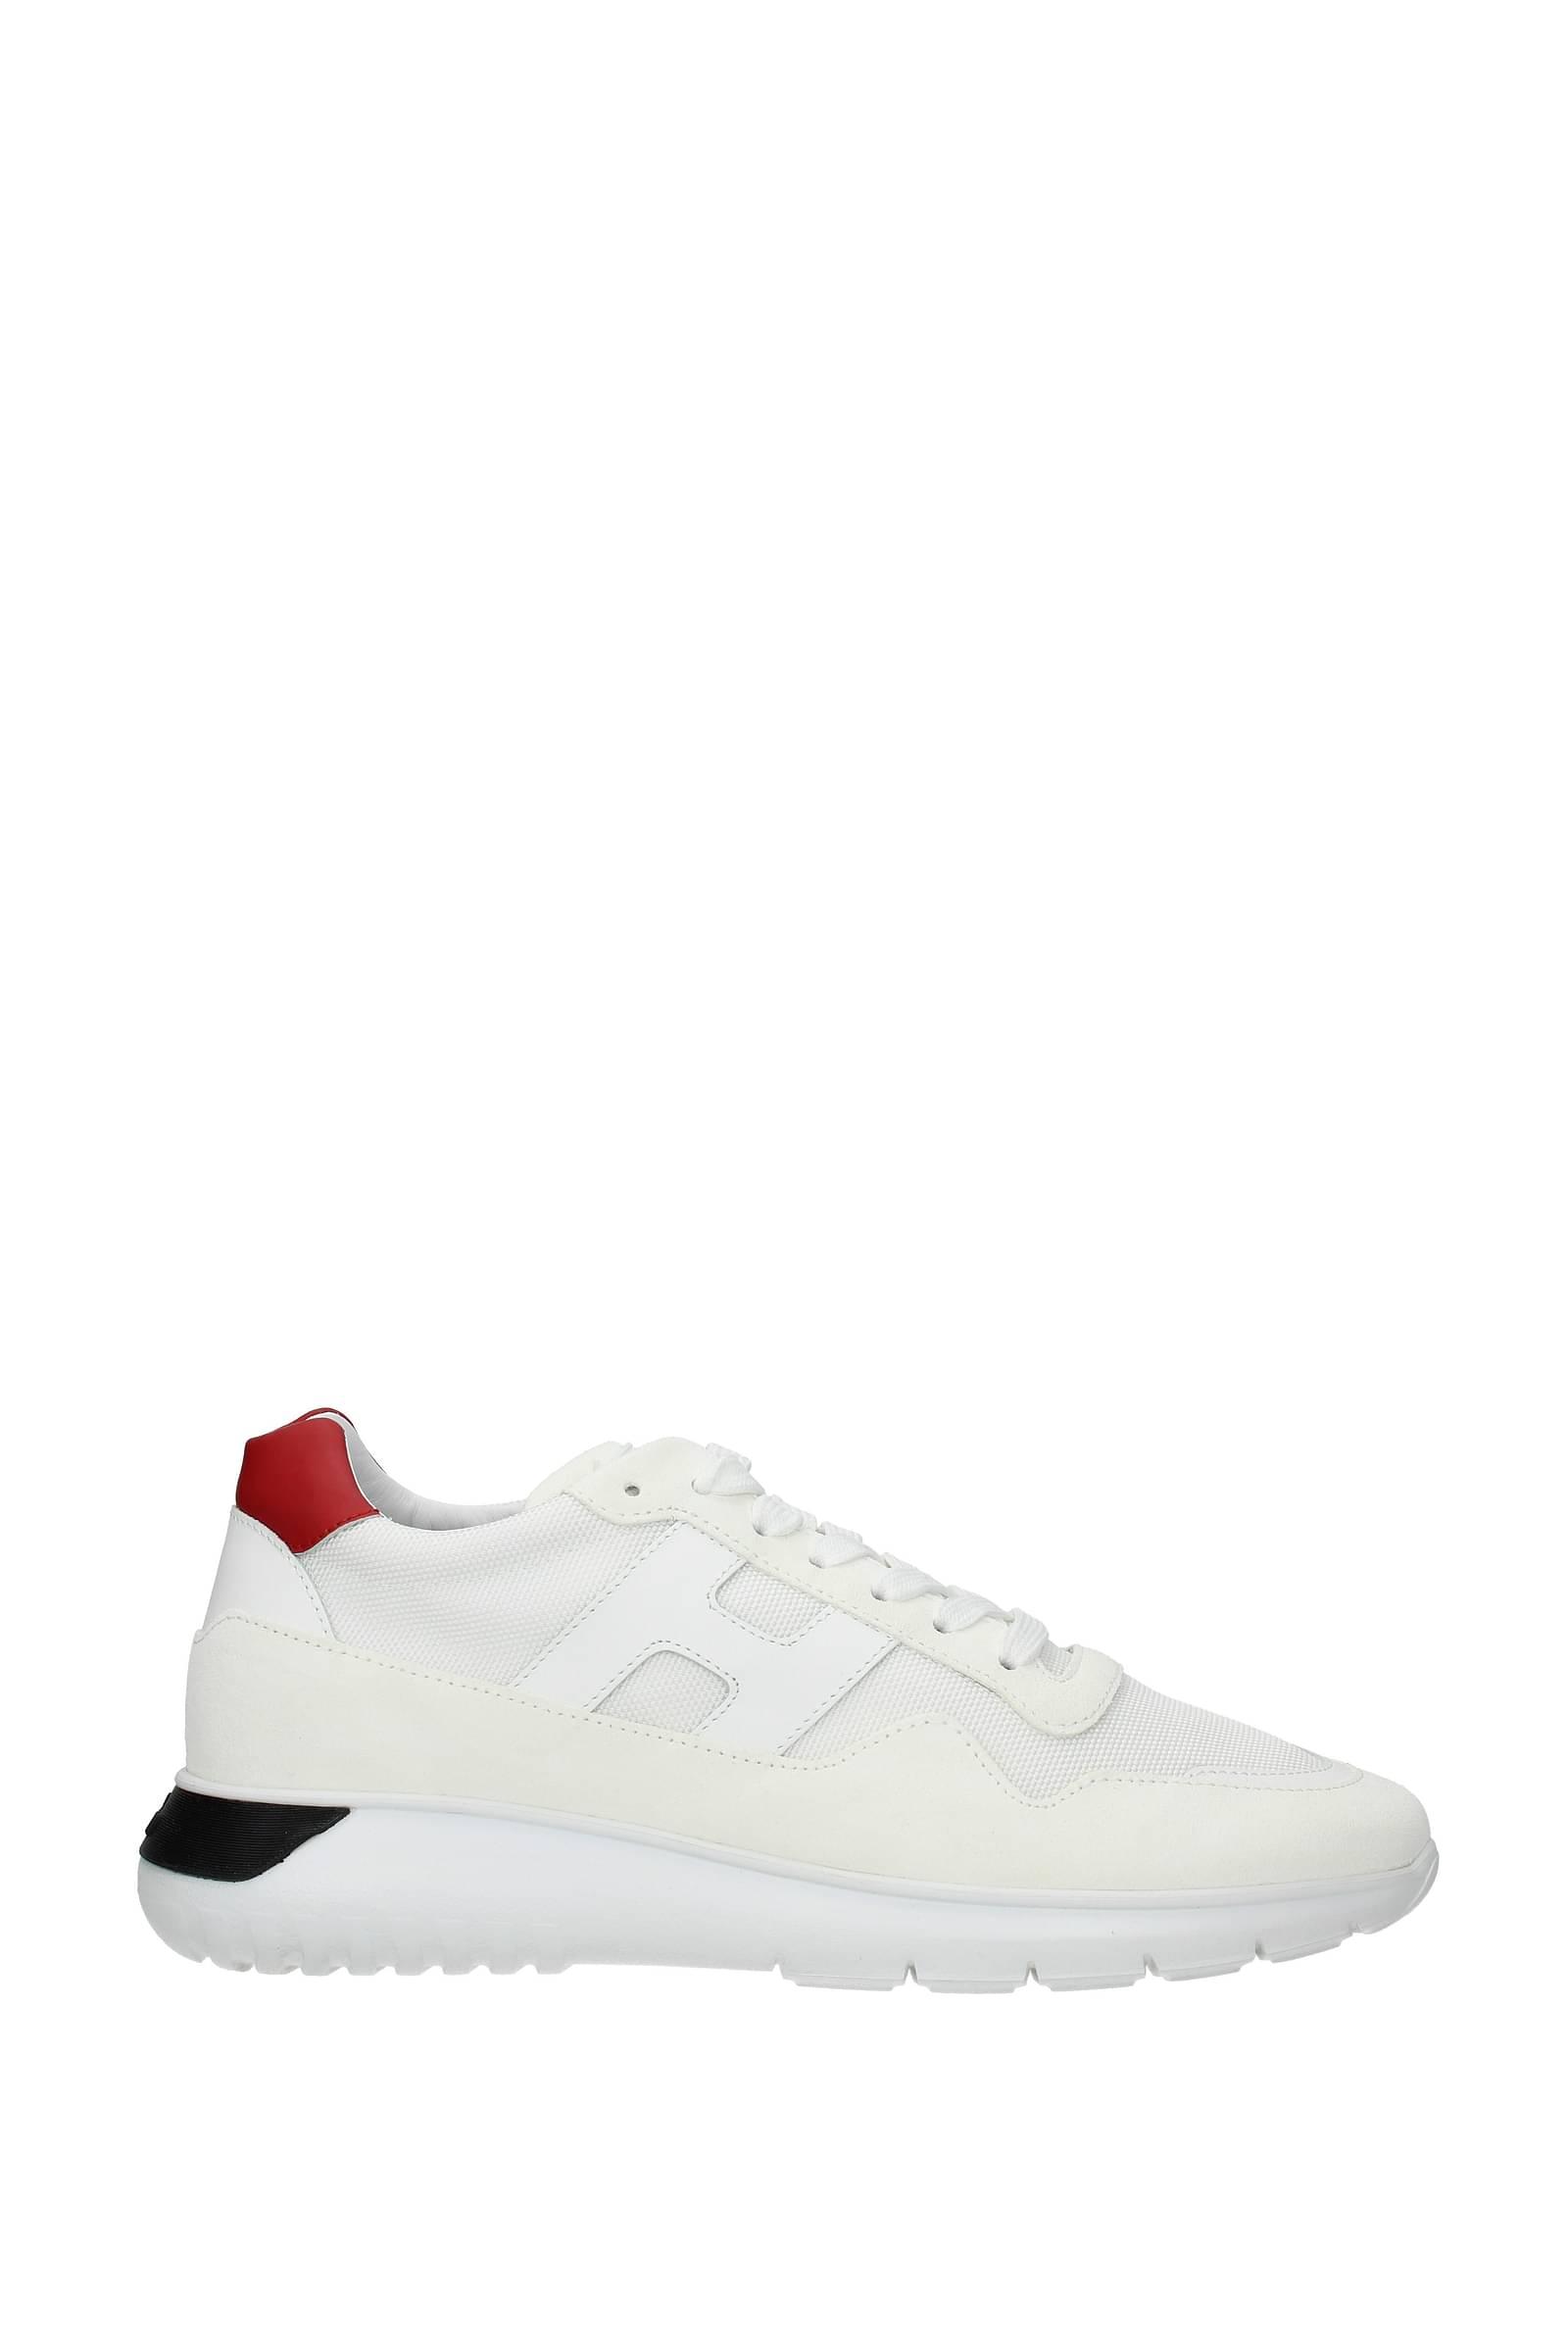 Hogan Sneakers interactive 3 Men HXM3710AJ18N890029 Suede 147€